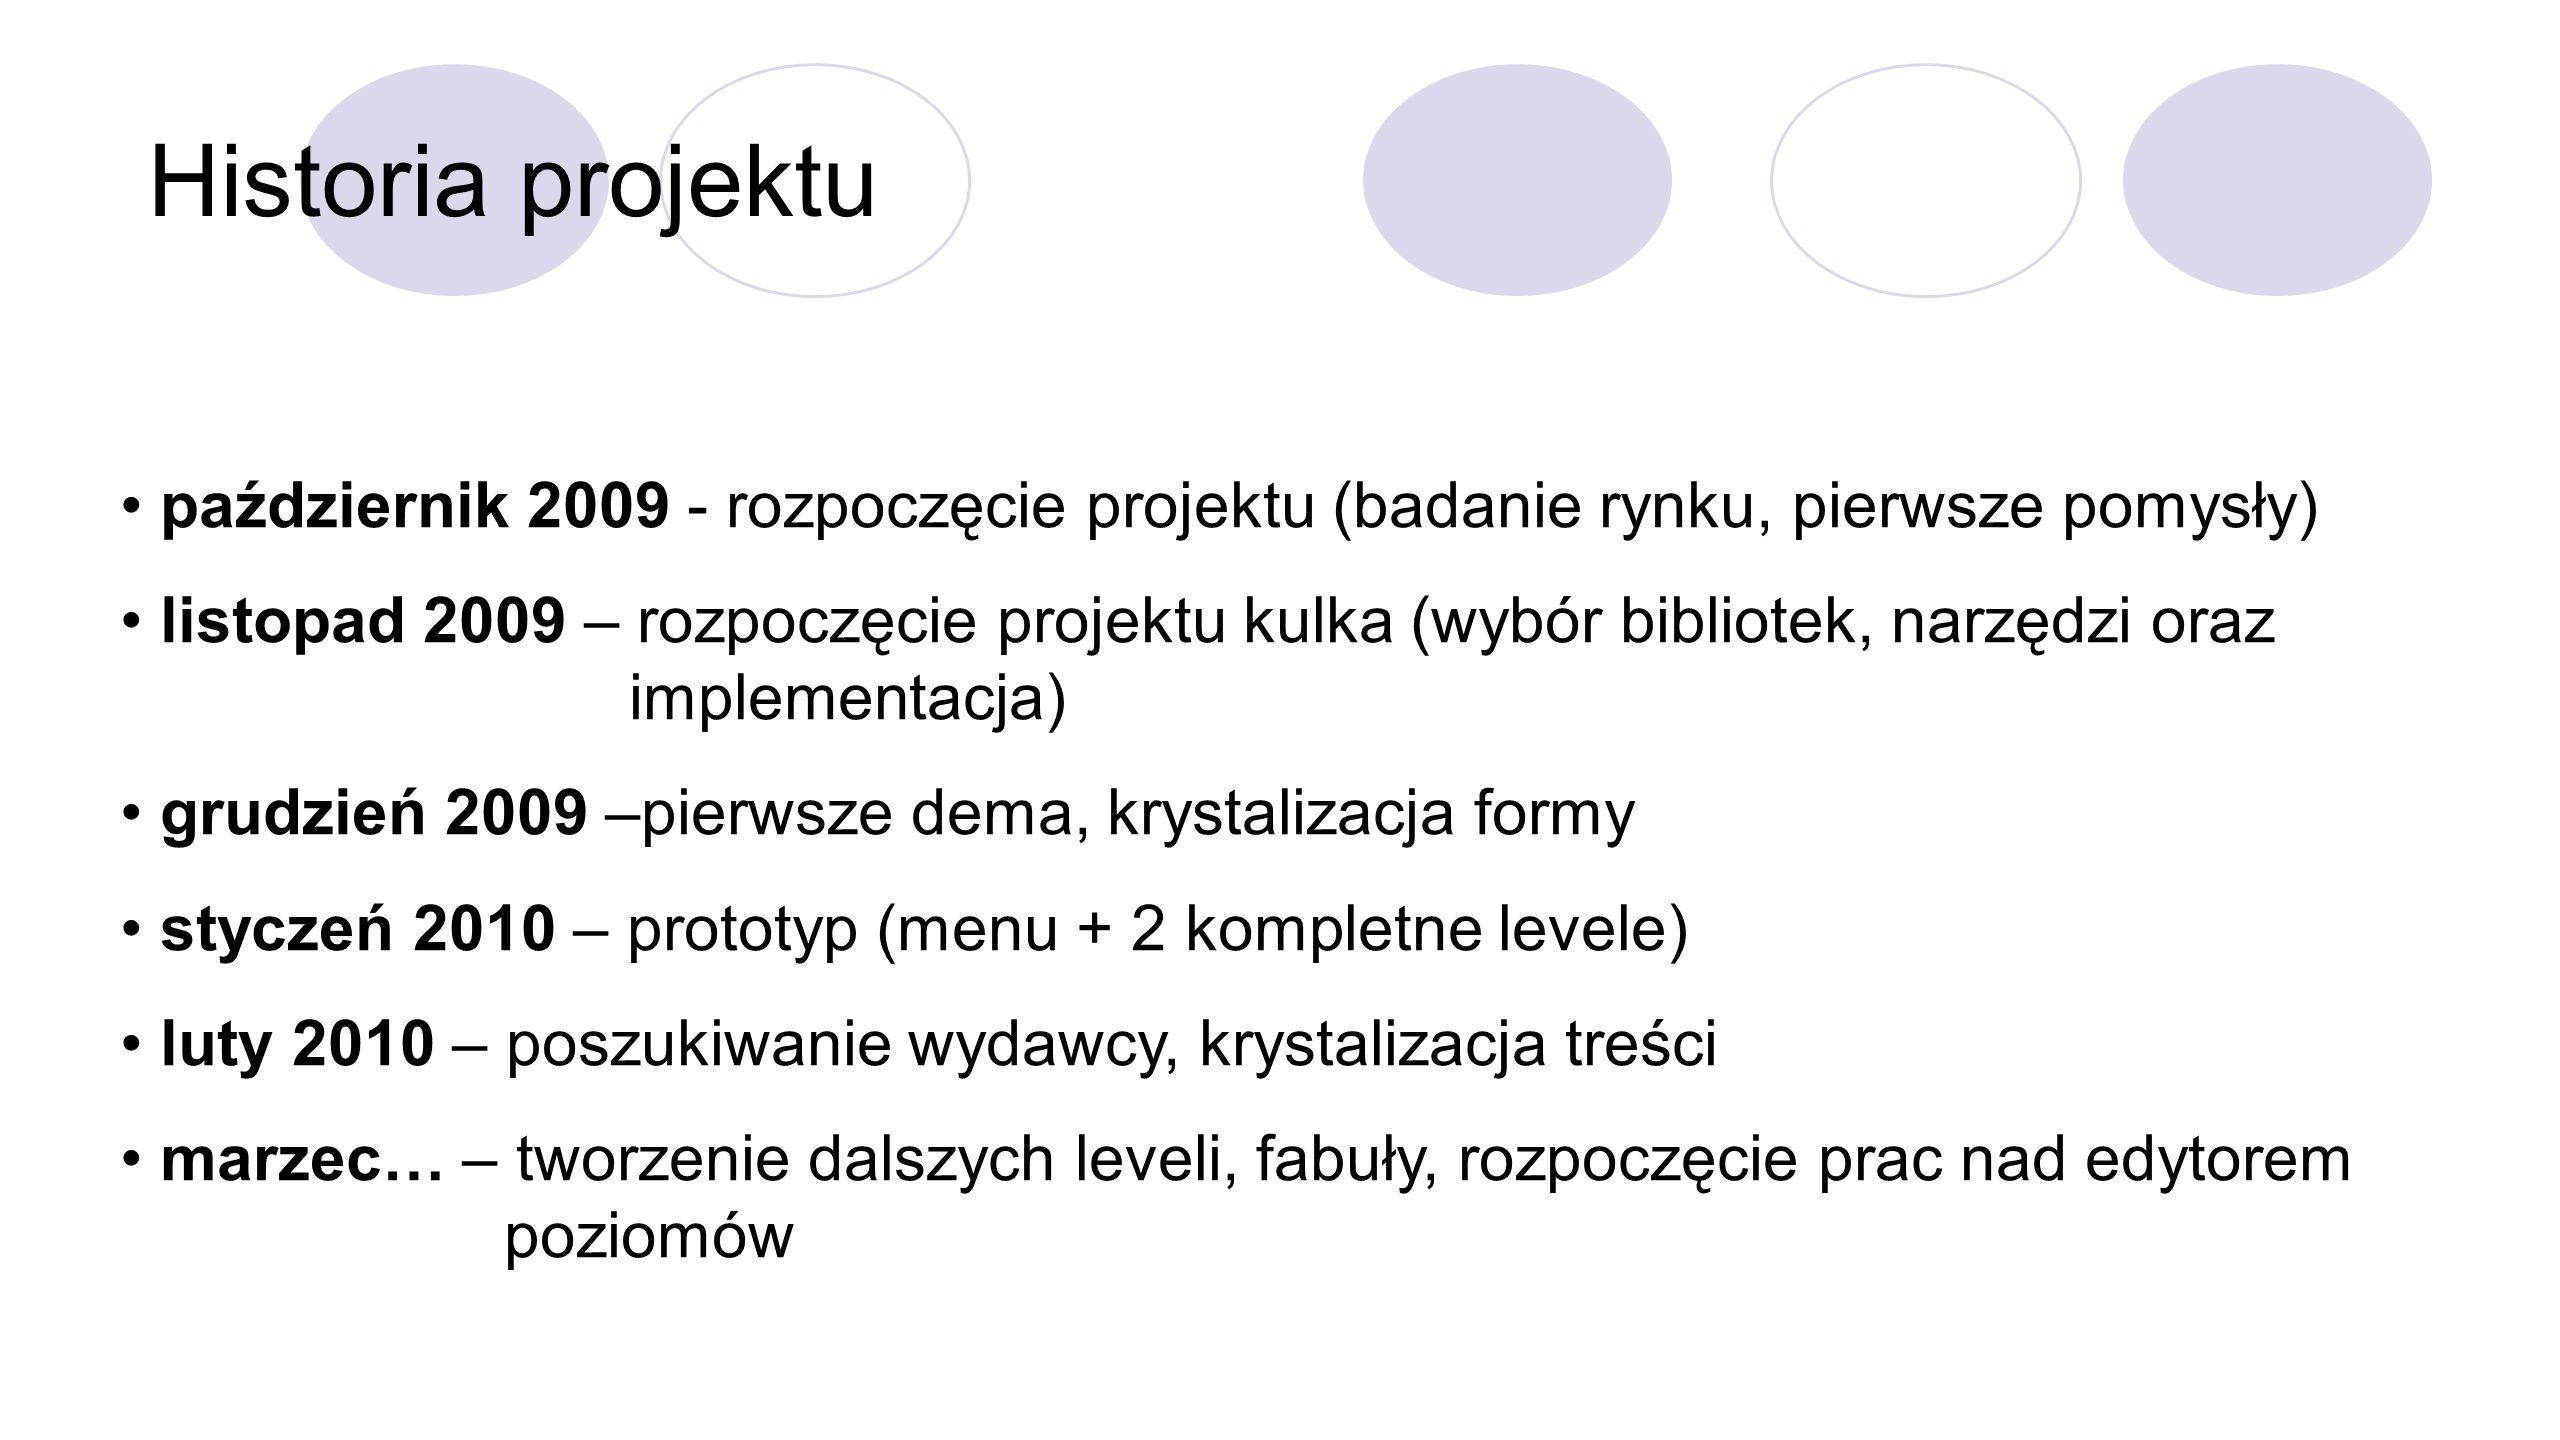 Historia projektu październik 2009 - rozpoczęcie projektu (badanie rynku, pierwsze pomysły) listopad 2009 – rozpoczęcie projektu kulka (wybór bibliotek, narzędzi oraz implementacja) grudzień 2009 –pierwsze dema, krystalizacja formy styczeń 2010 – prototyp (menu + 2 kompletne levele) luty 2010 – poszukiwanie wydawcy, krystalizacja treści marzec… – tworzenie dalszych leveli, fabuły, rozpoczęcie prac nad edytorem poziomów